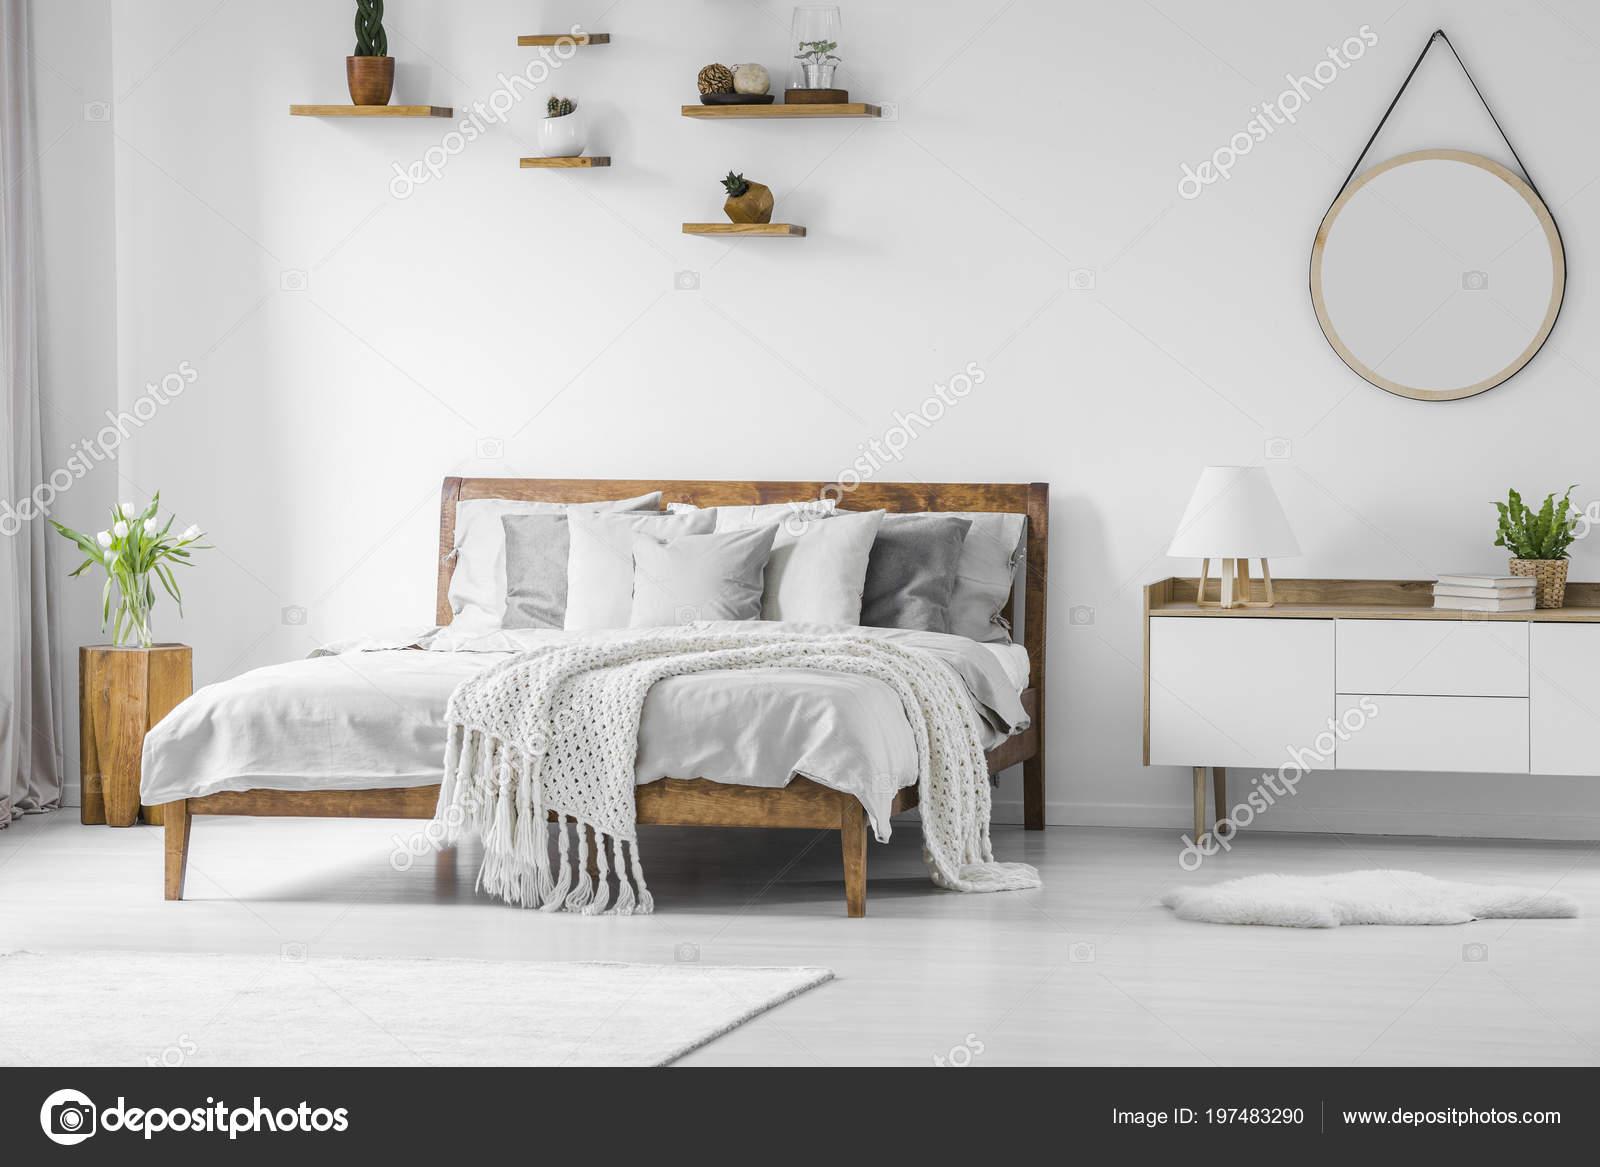 Comfortable Big Wooden Bed Linen Pillows Blanket Nightstand Mirror Hanging Stock Photo C Photographee Eu 197483290